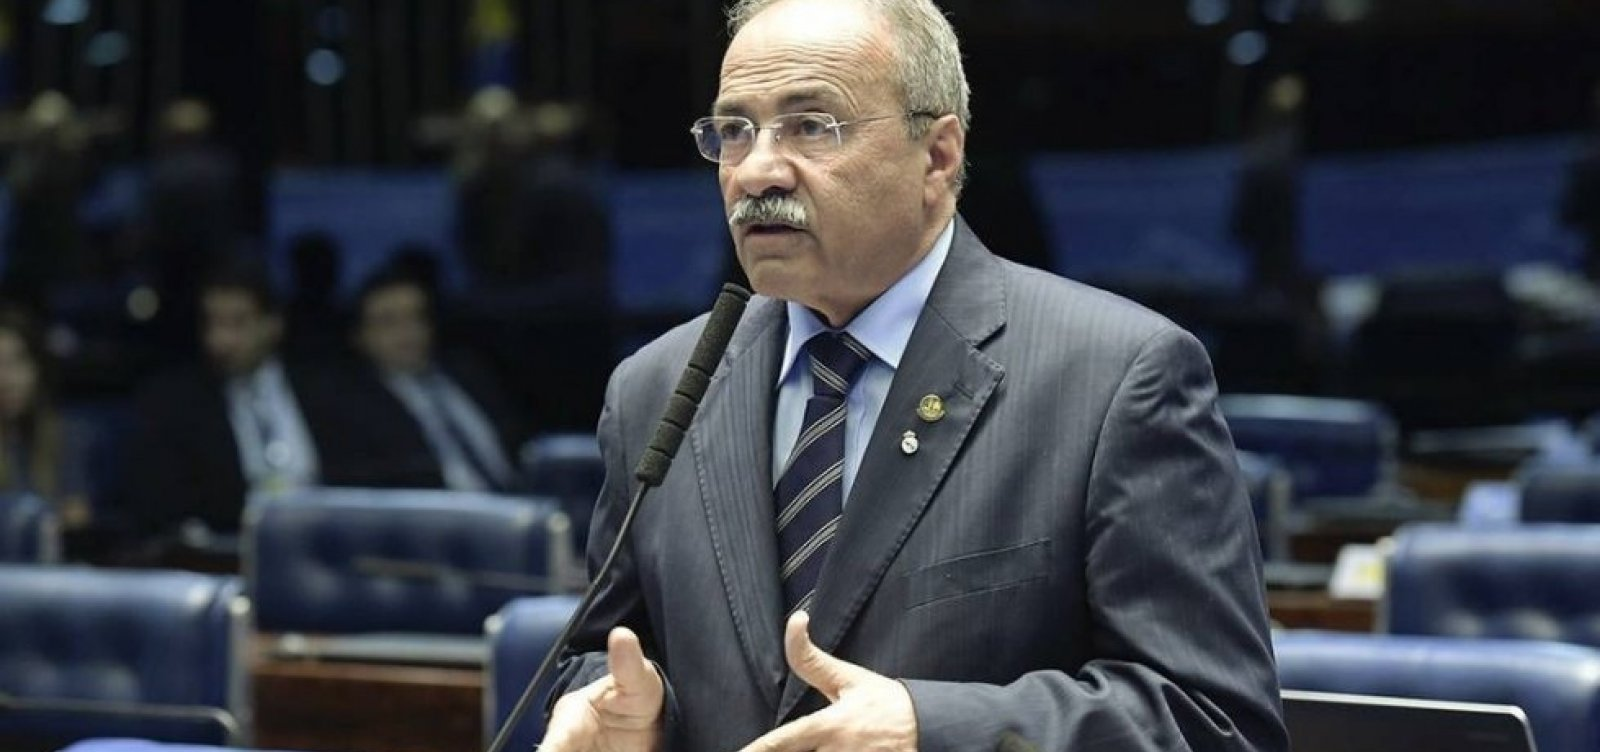 Cúpula do governo avalia que vice-líder pego com dinheiro nas nádegas 'pede para sair ou será saído'